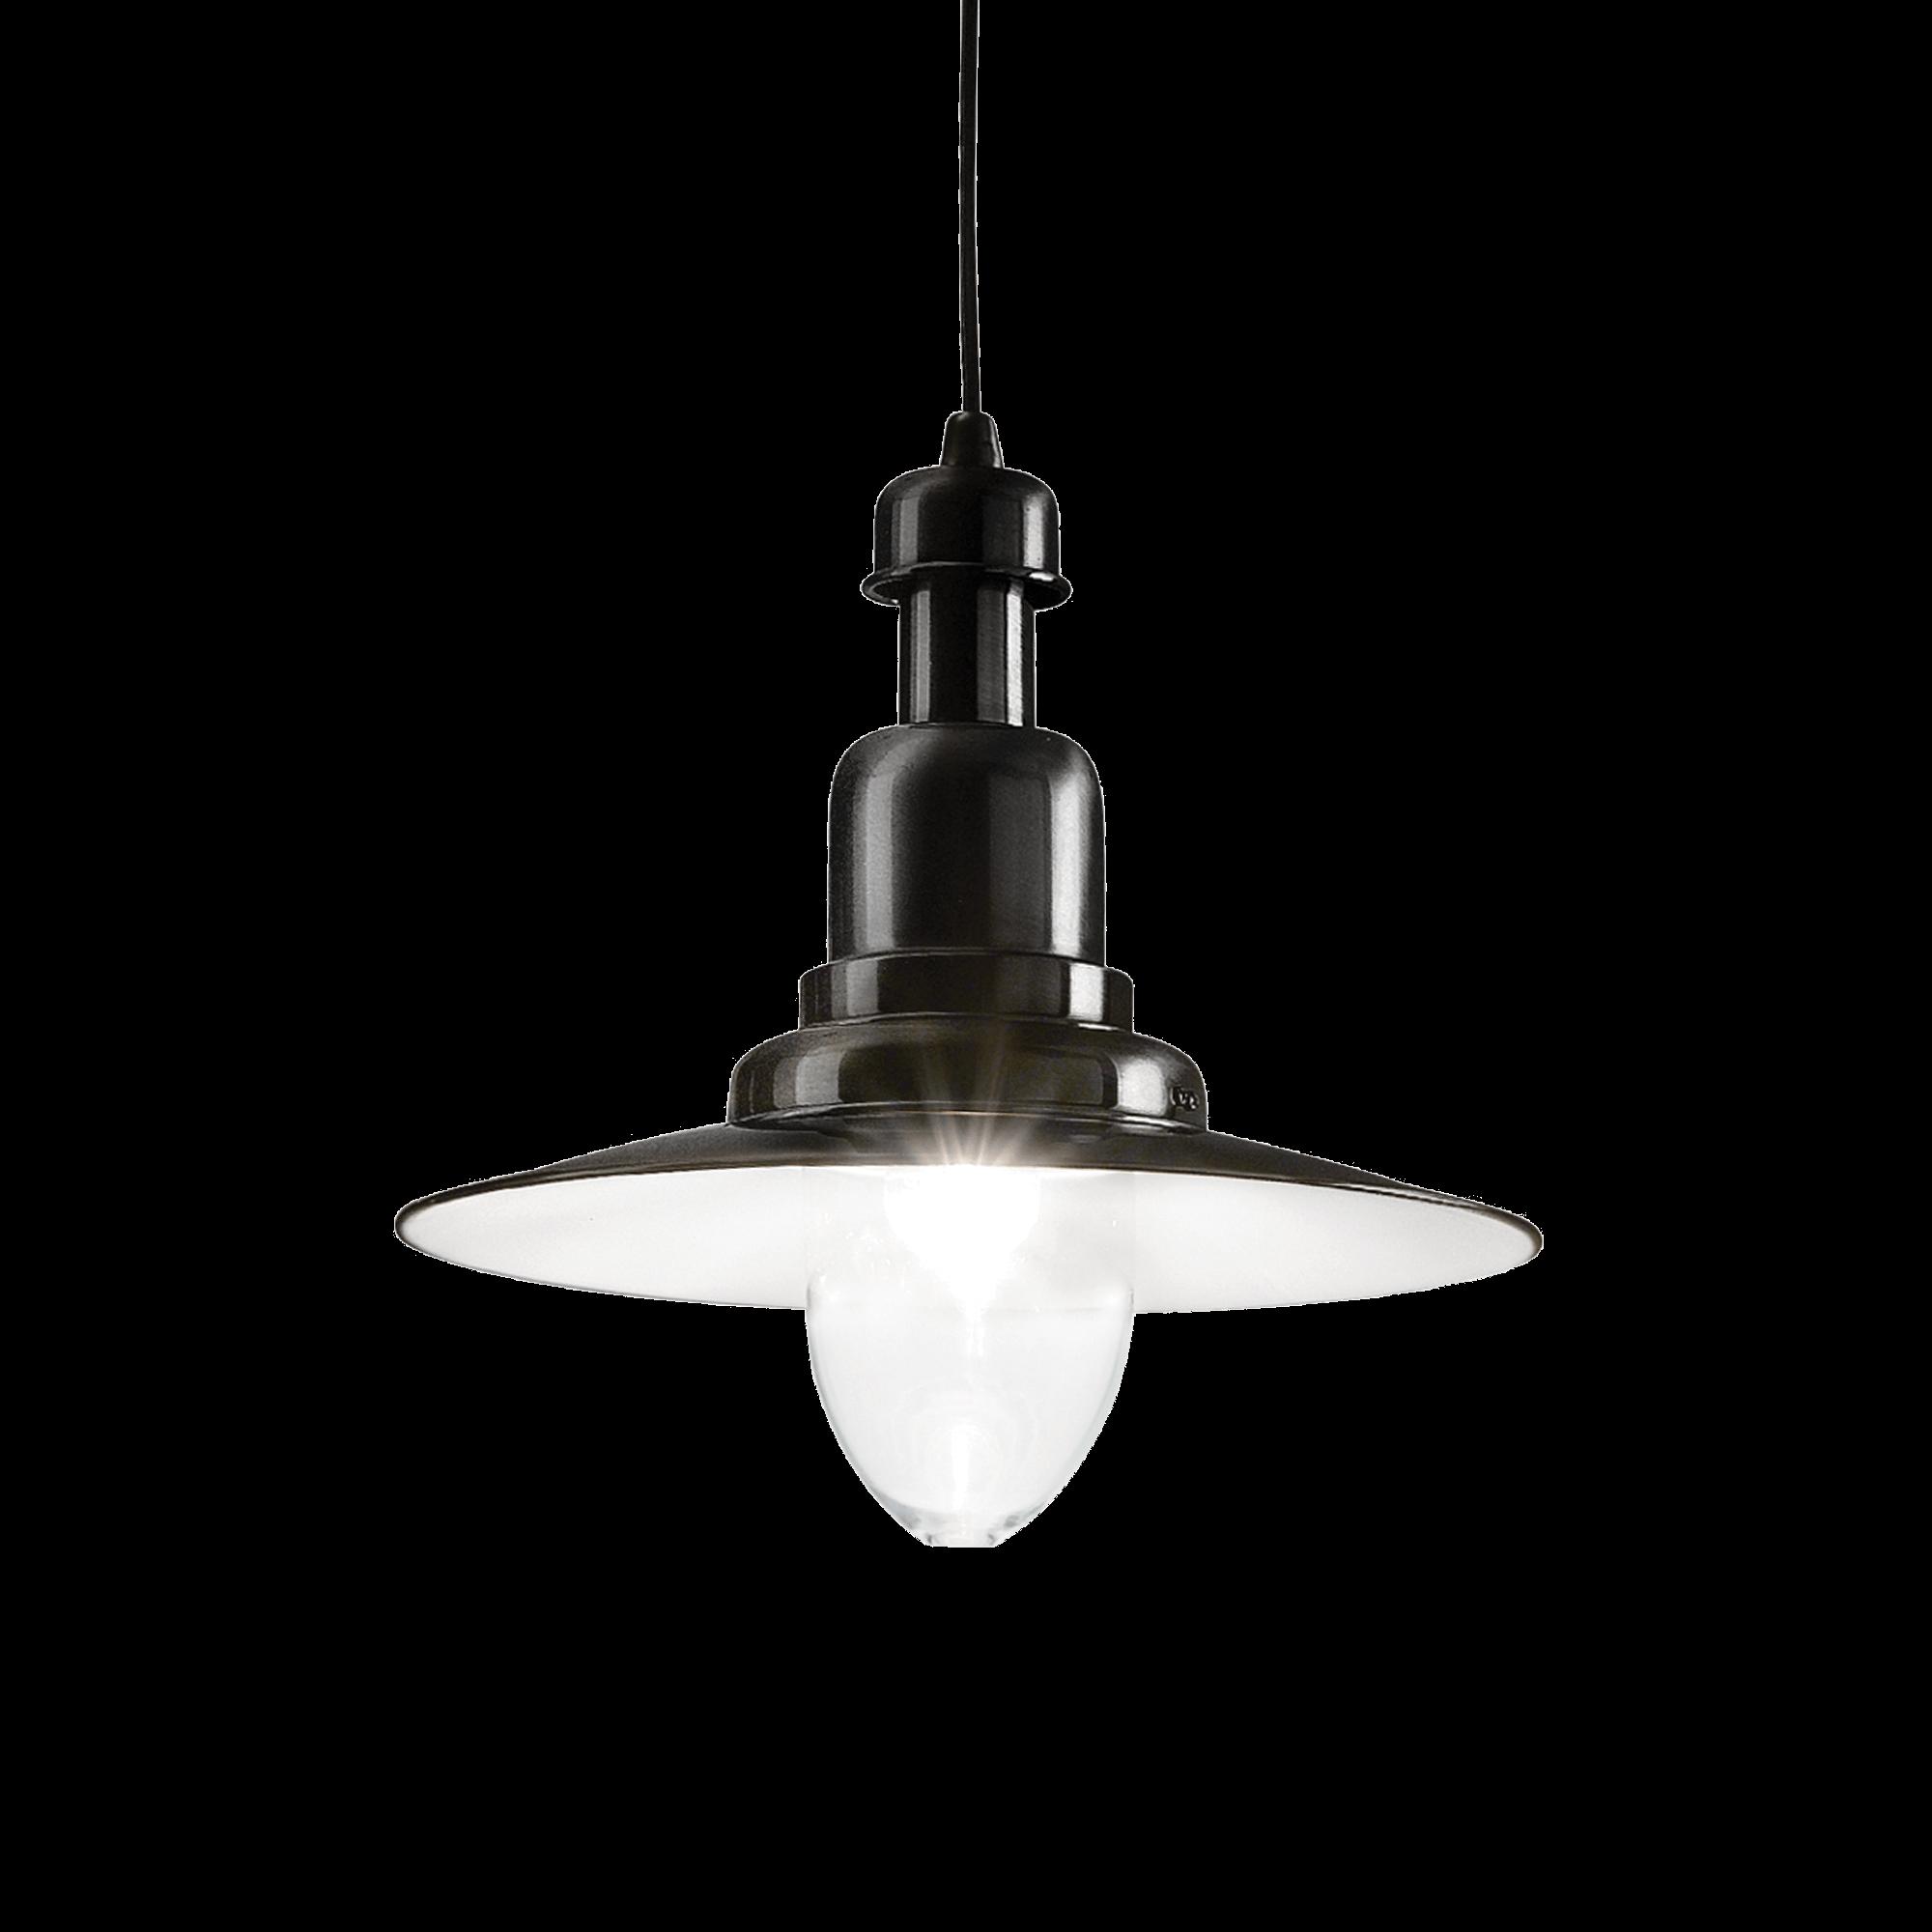 Ideal Lux 122052 Fiordi SP1 Nero lámpa függeszték